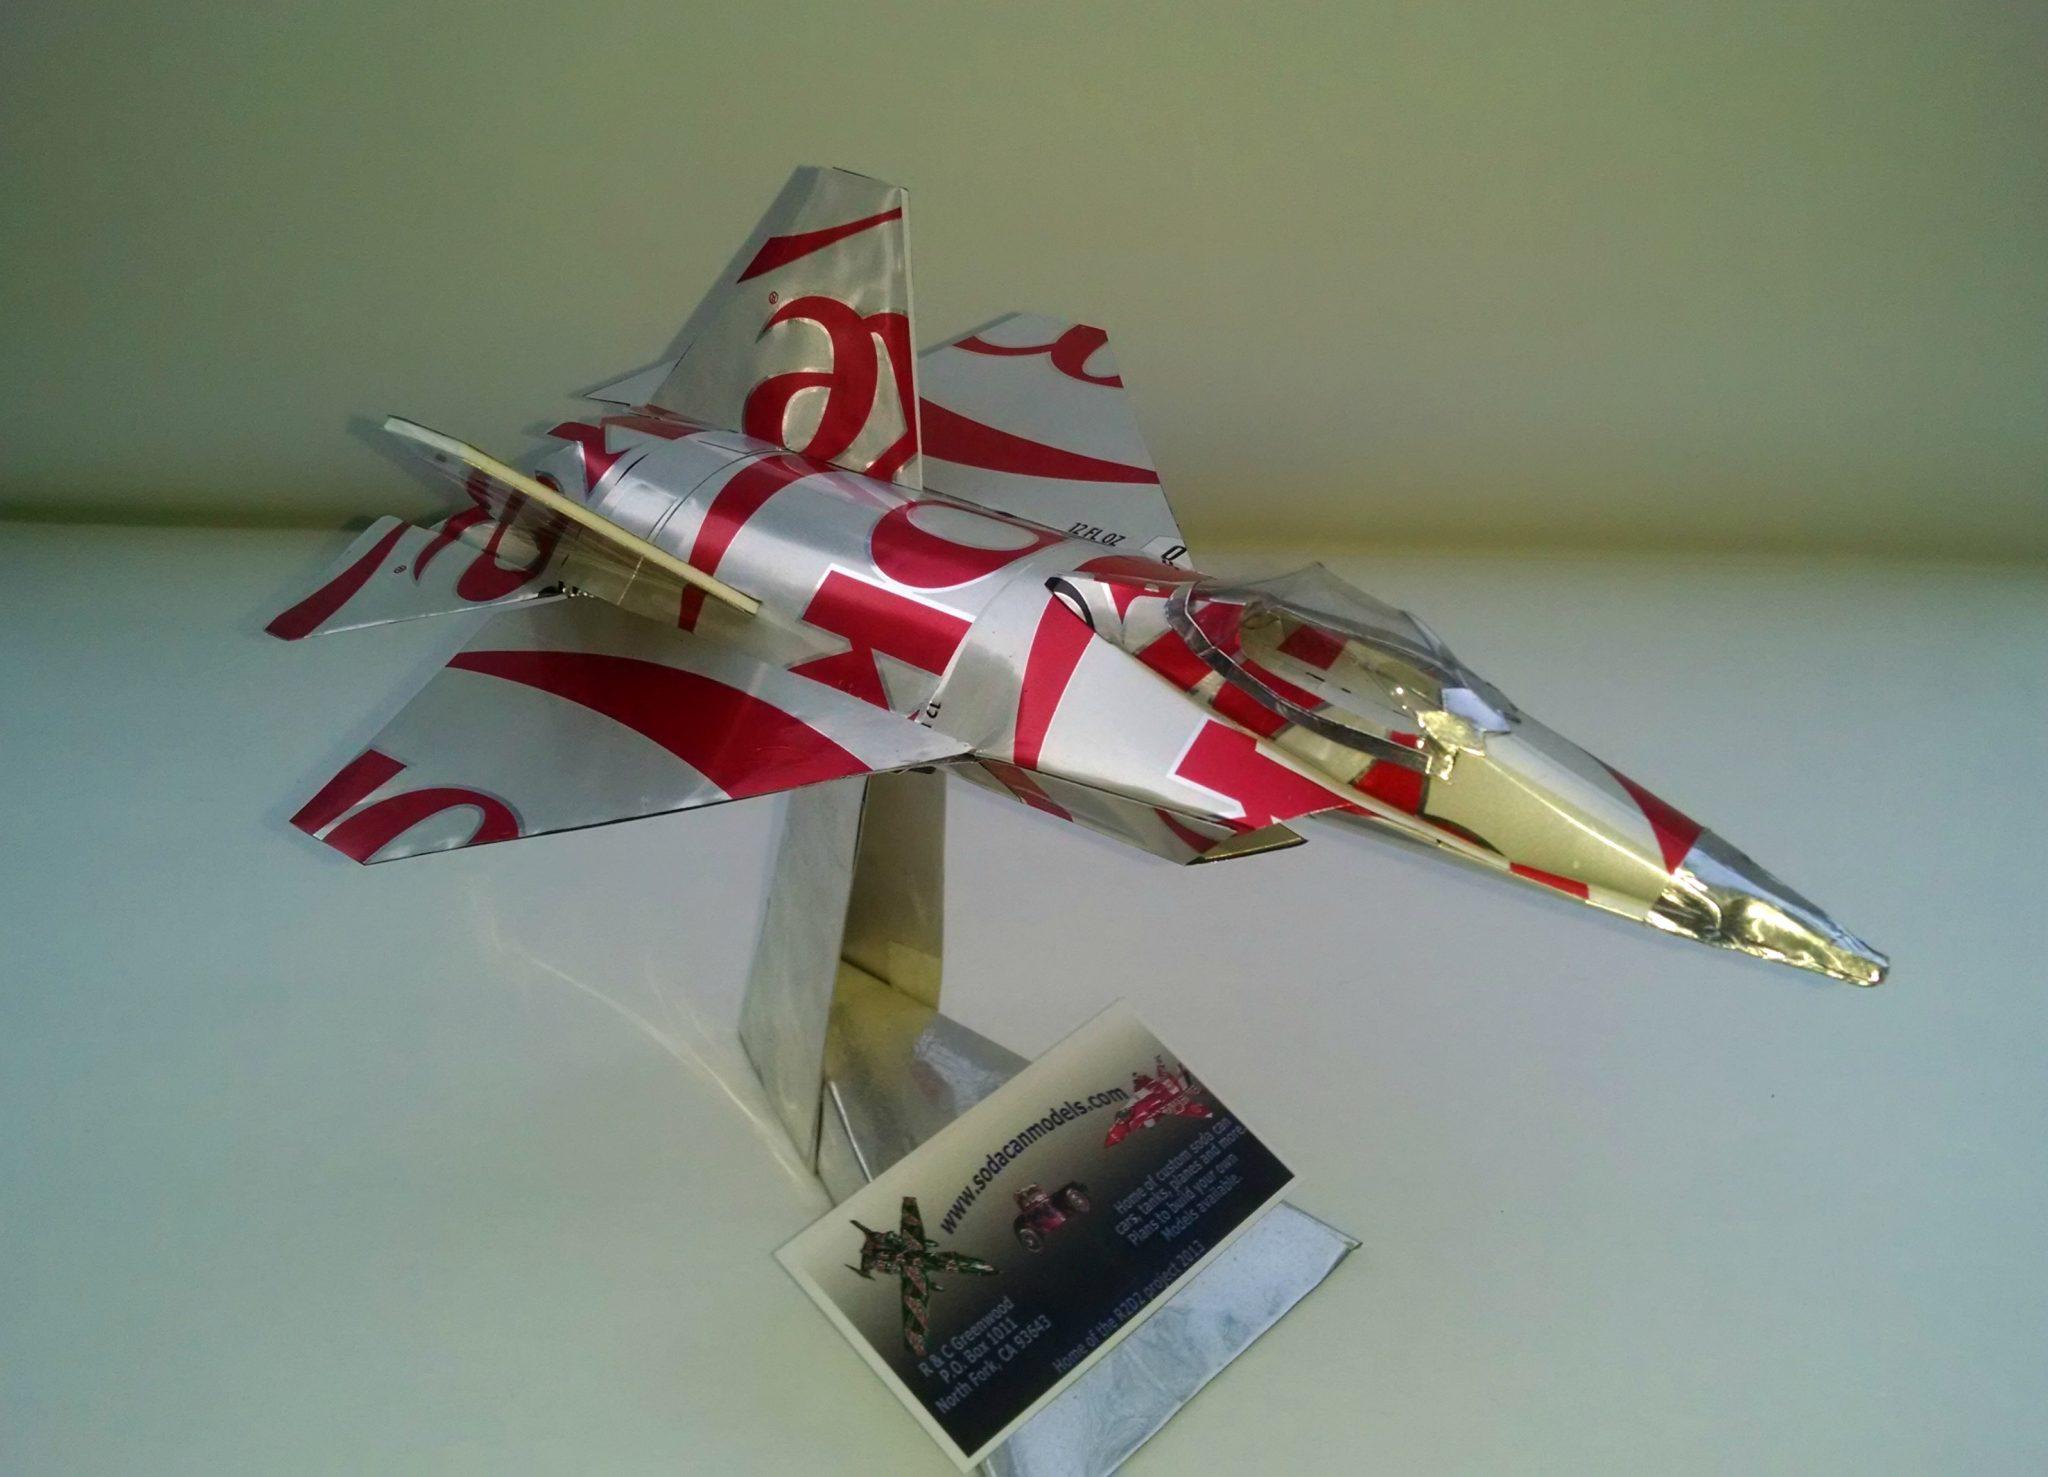 soda can F-22 raptor